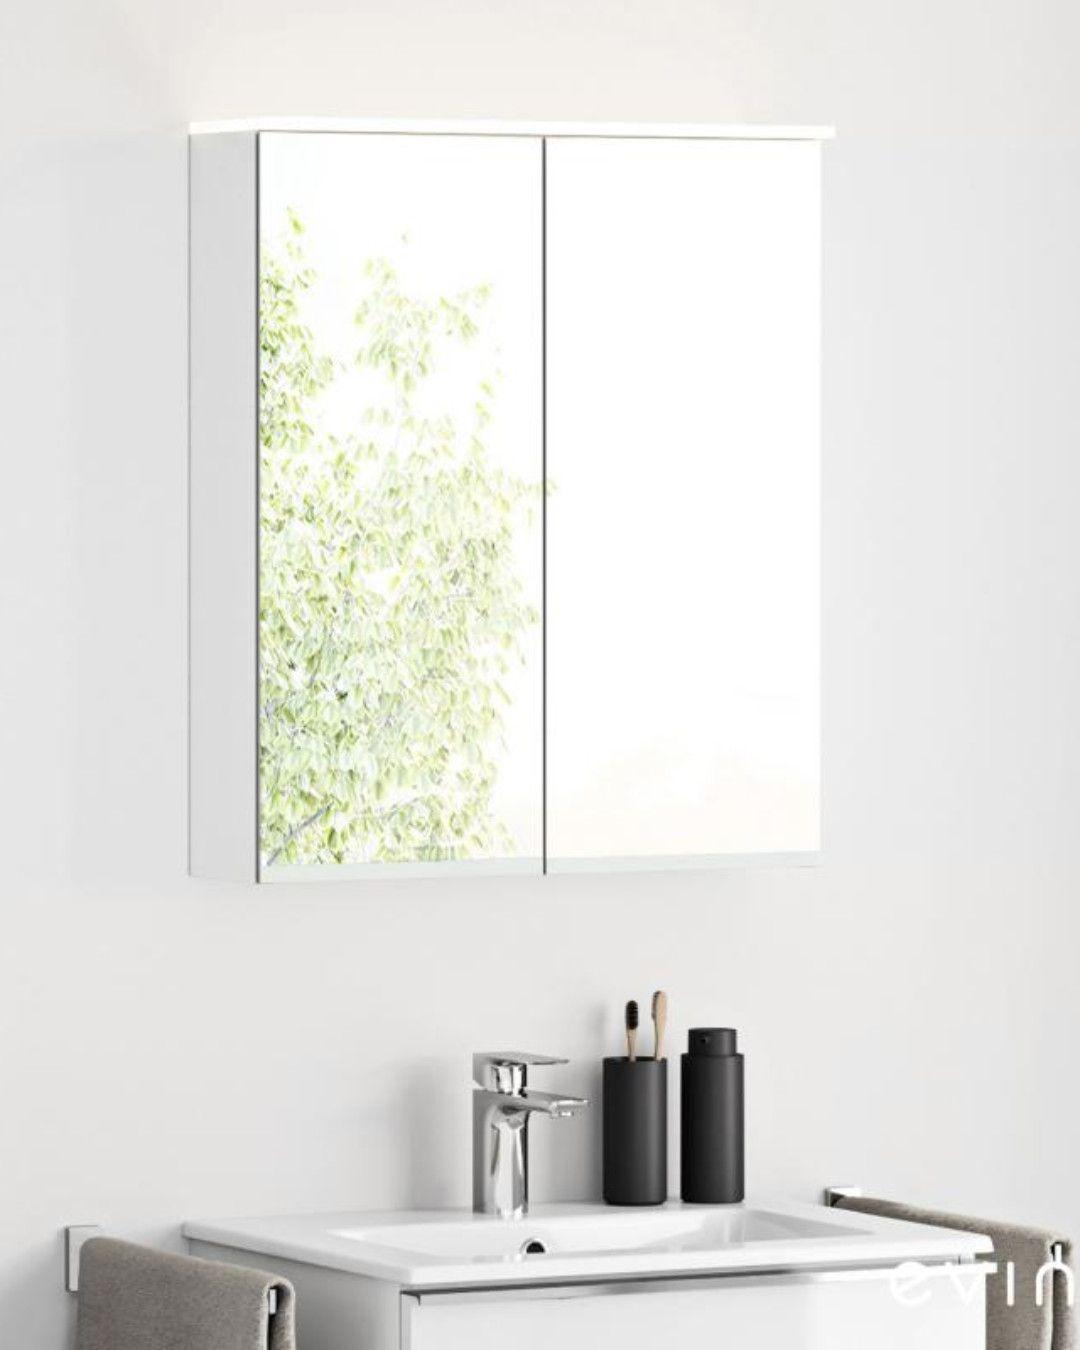 Evineo Ineo Spiegelschrank Mit Integrierter Led Beleuchtung Mit 2 Turen Bea001mi In 2020 Led Beleuchtung Spiegelschrank Led